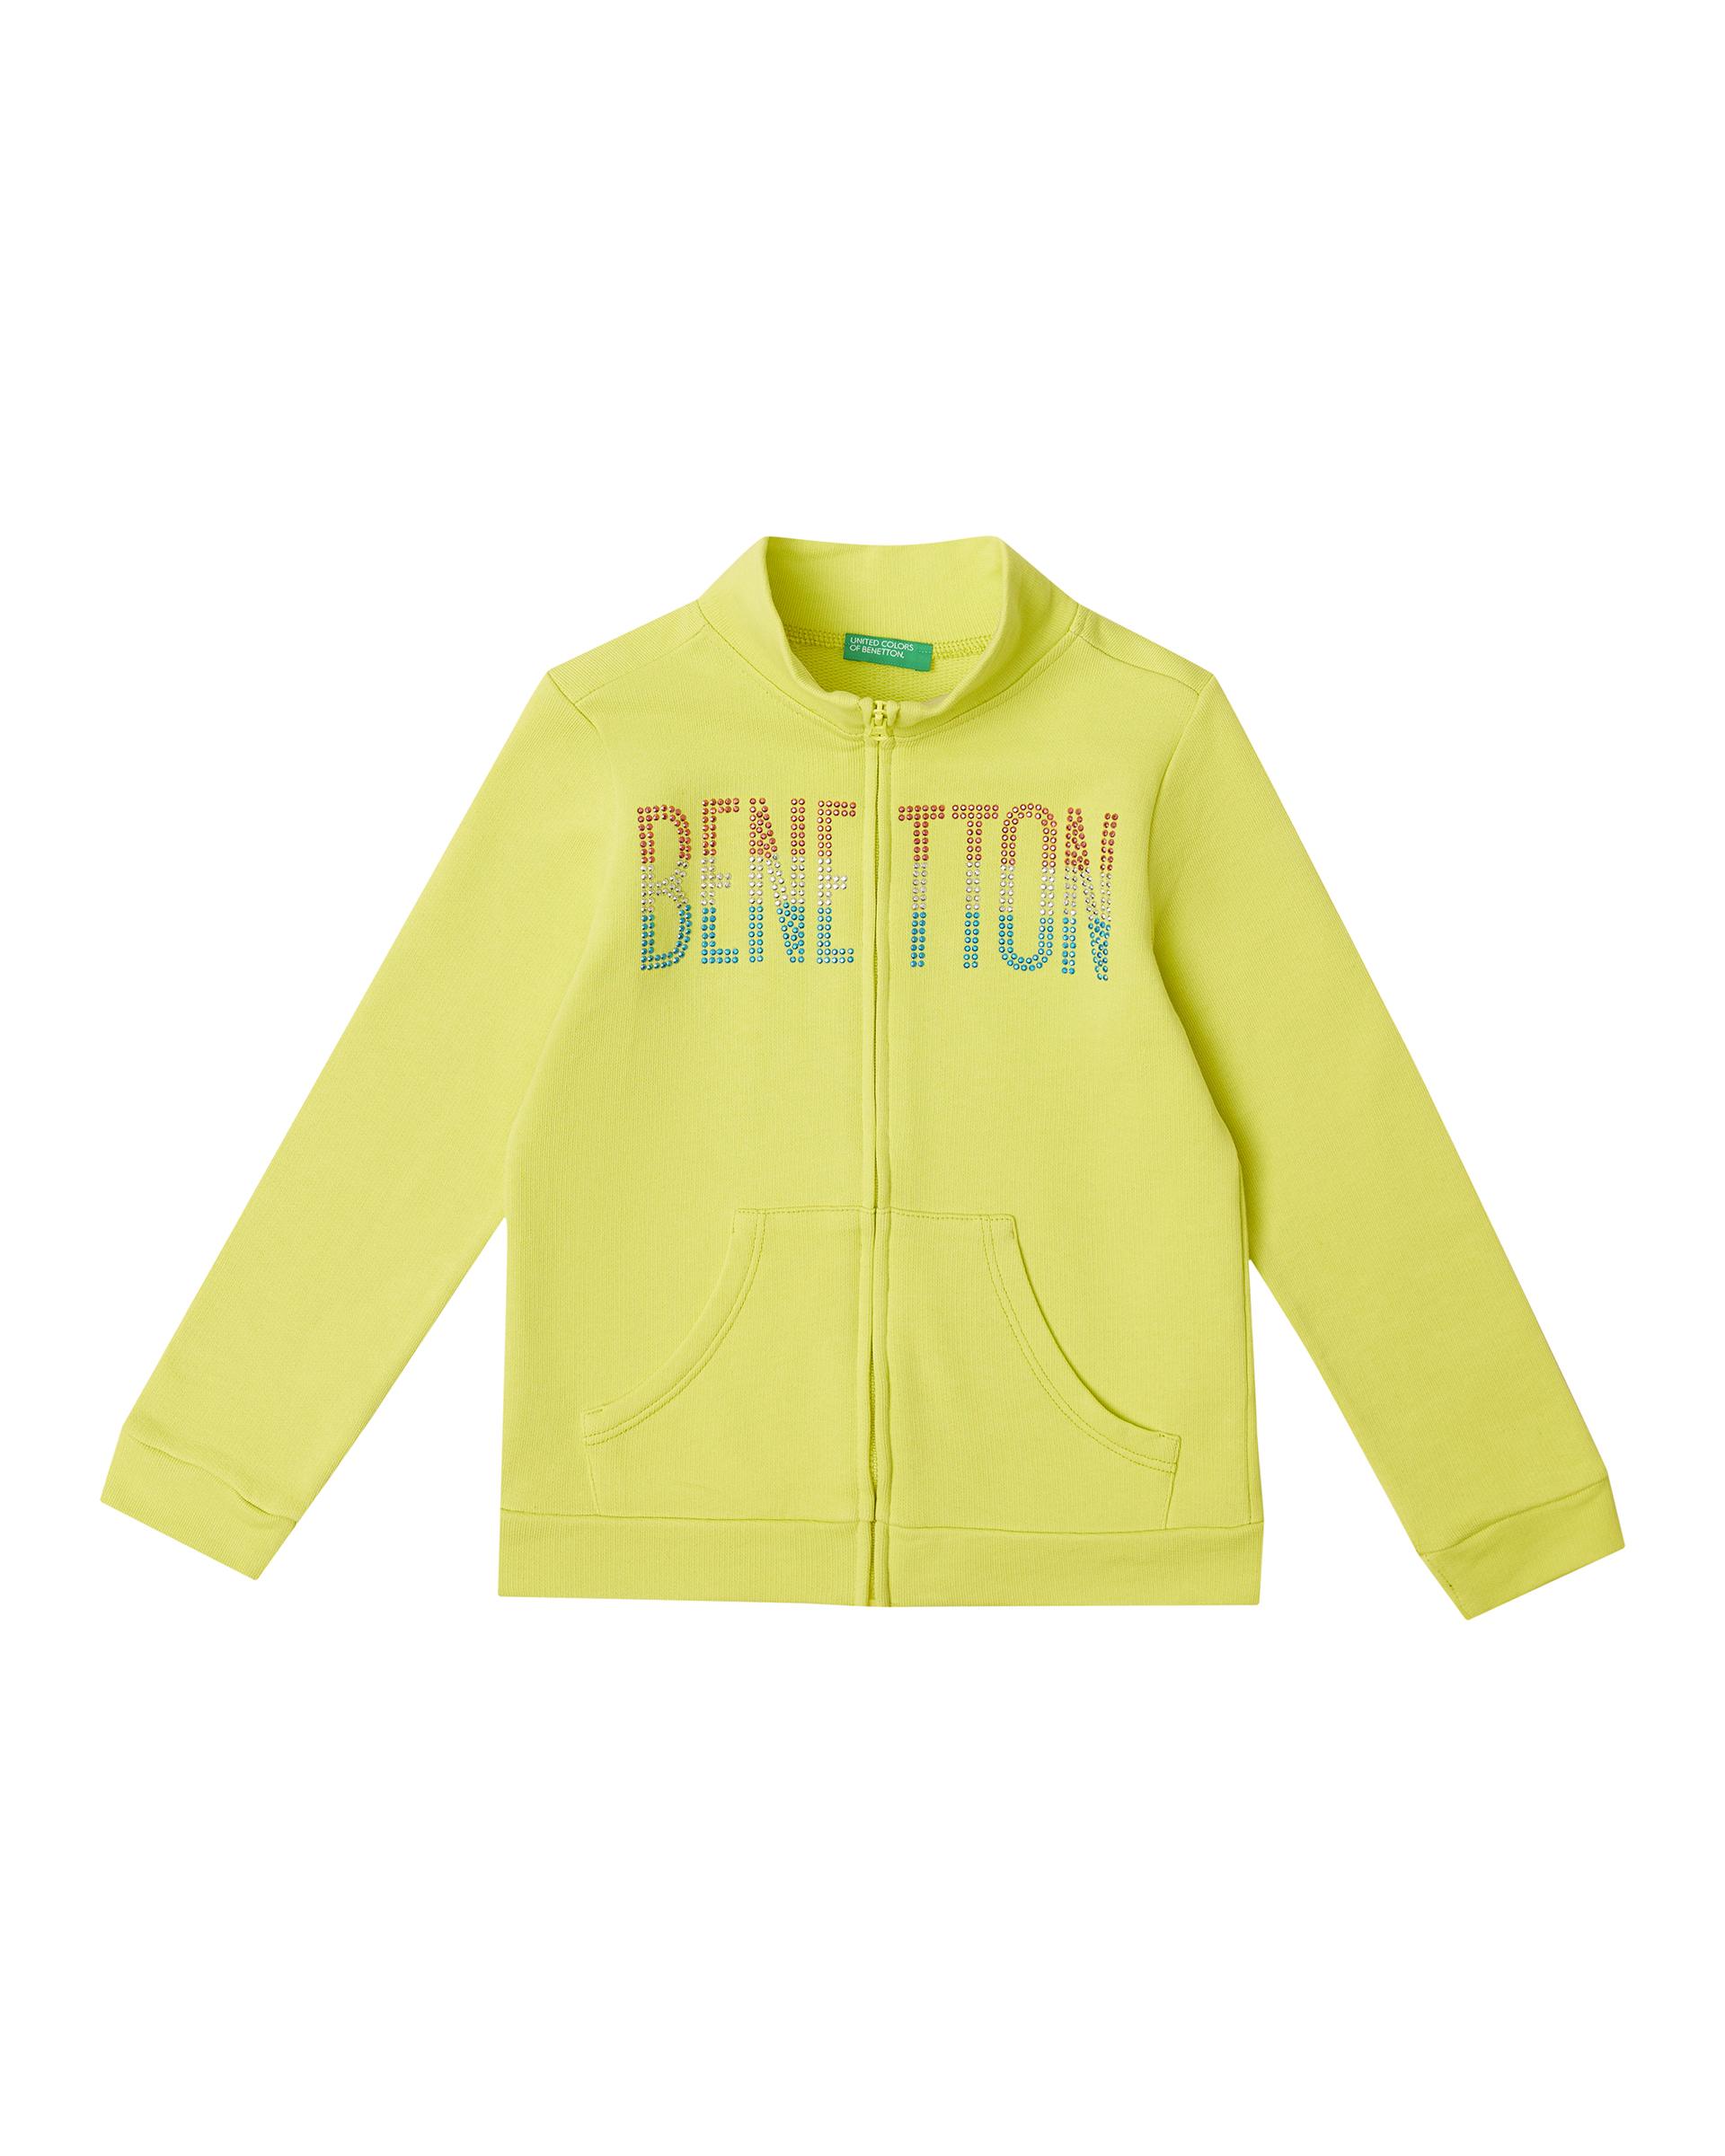 Купить 20P_3J68C5793_28M, Толстовка для девочек Benetton 3J68C5793_28M р-р 140, United Colors of Benetton, Толстовки для девочек